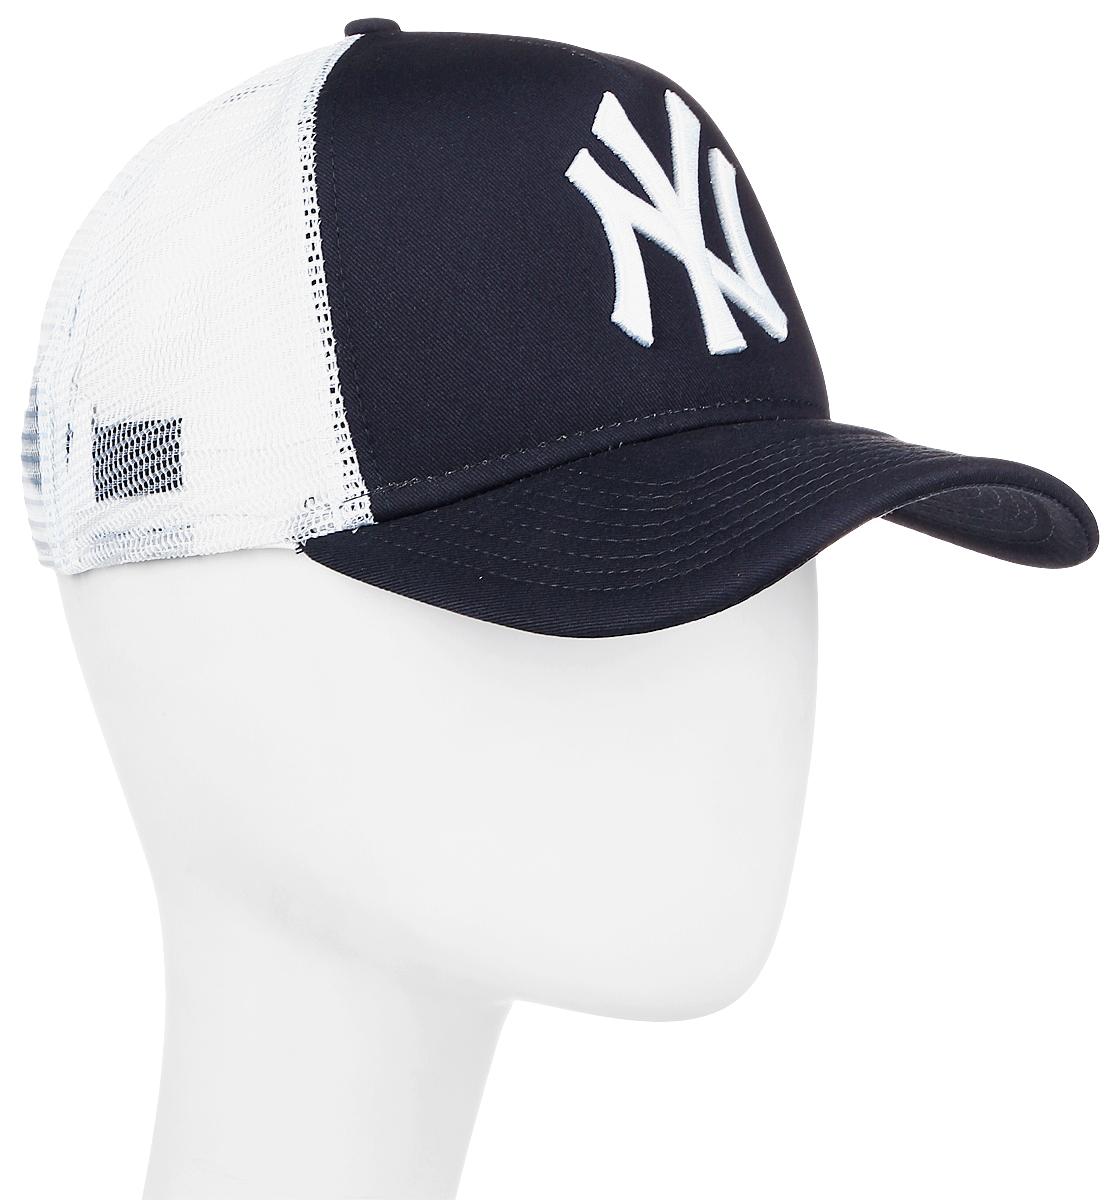 Бейсболка New Era Mlb Clean Trucker, цвет: черный, белый. 10531936-NVY. Размер универсальный10531936-NVYСтильная бейсболка New Era, выполненная из высококачественного материала, идеально подойдет для прогулок, занятий спортом и отдыха.Изделие оформлено объемным вышитым логотипом знаменитой бейсбольной команды New York Yankees и логотипом бренда New Era, сзади купол кепки исполнен из сетки для большей воздухопроницаемости.Бейсболка надежно защитит вас от солнца и ветра. Эта модель станет отличным аксессуаром и дополнит ваш повседневный образ.